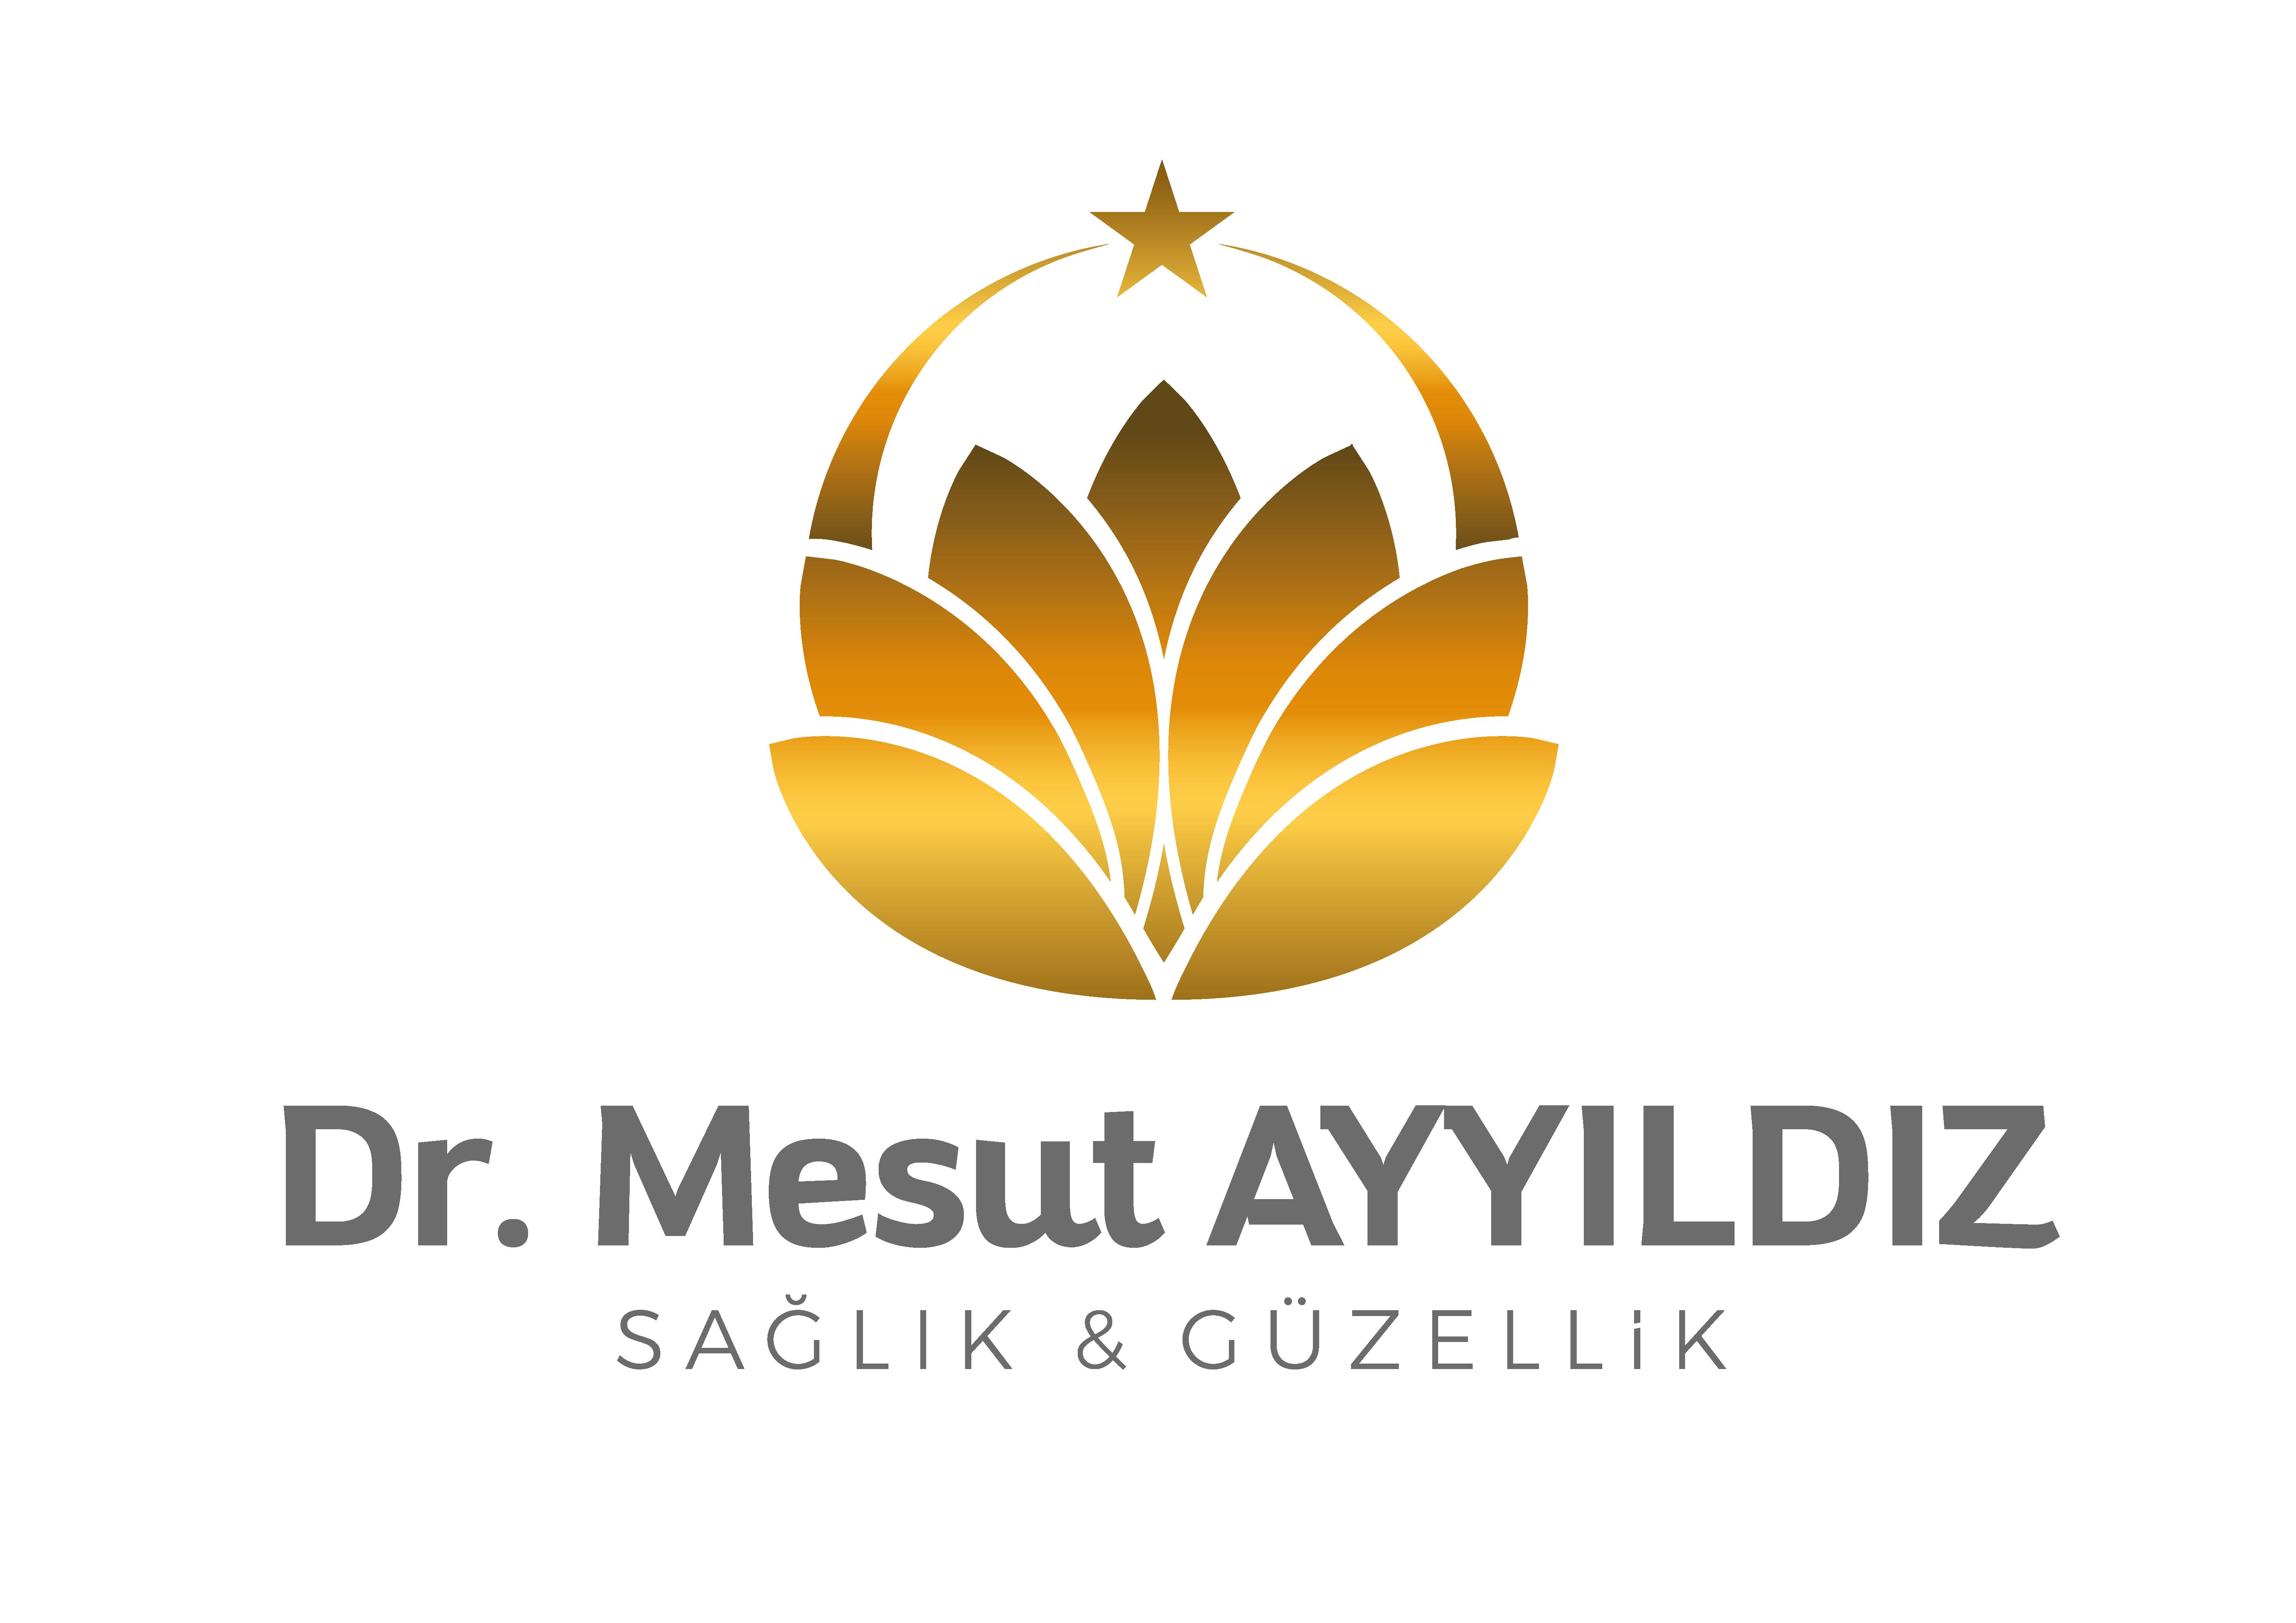 Dr. Mesut AYYILDIZ